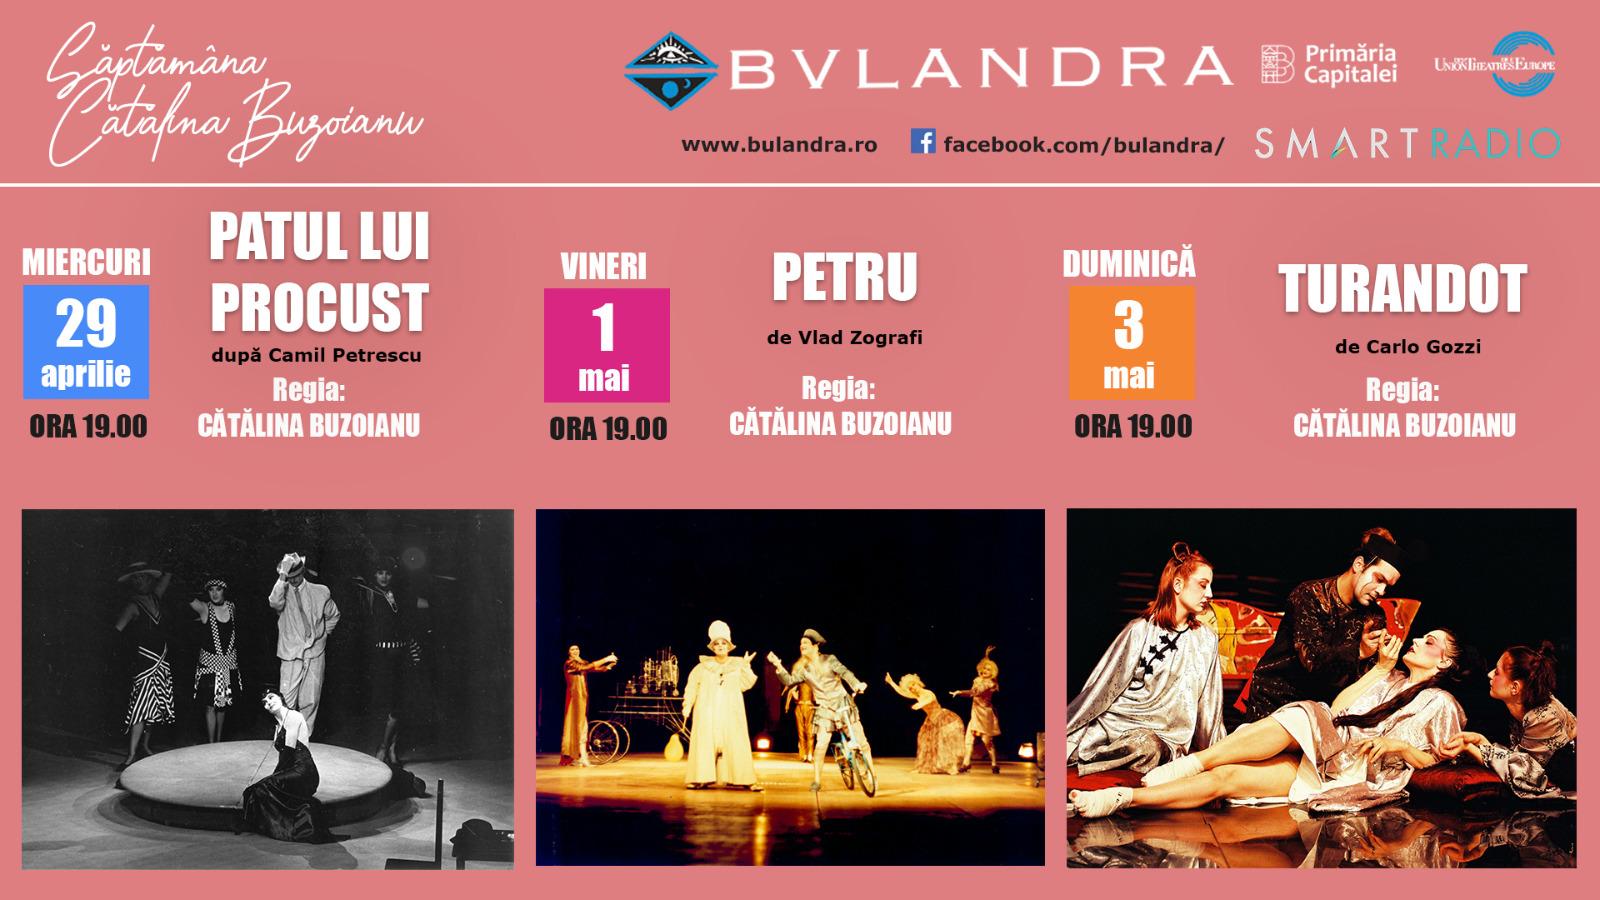 Bulandra continuă a doua lună de teatru online pe Smart Radio